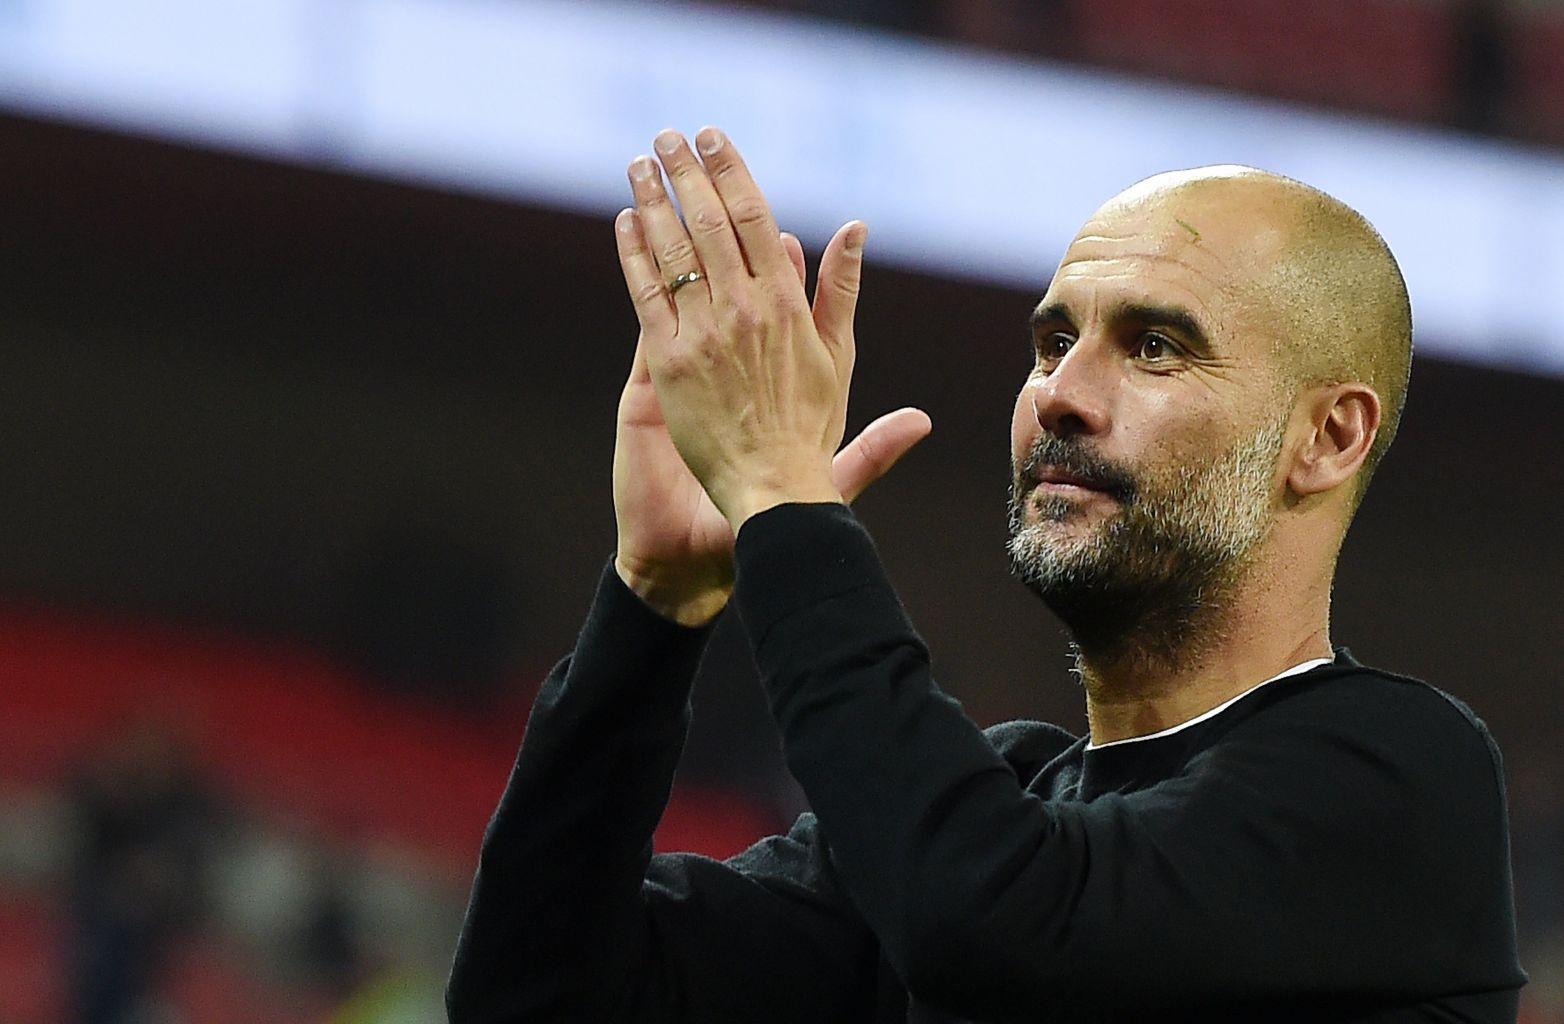 O título da Premier League: Guardiola venceu seu maior desafio até hoje